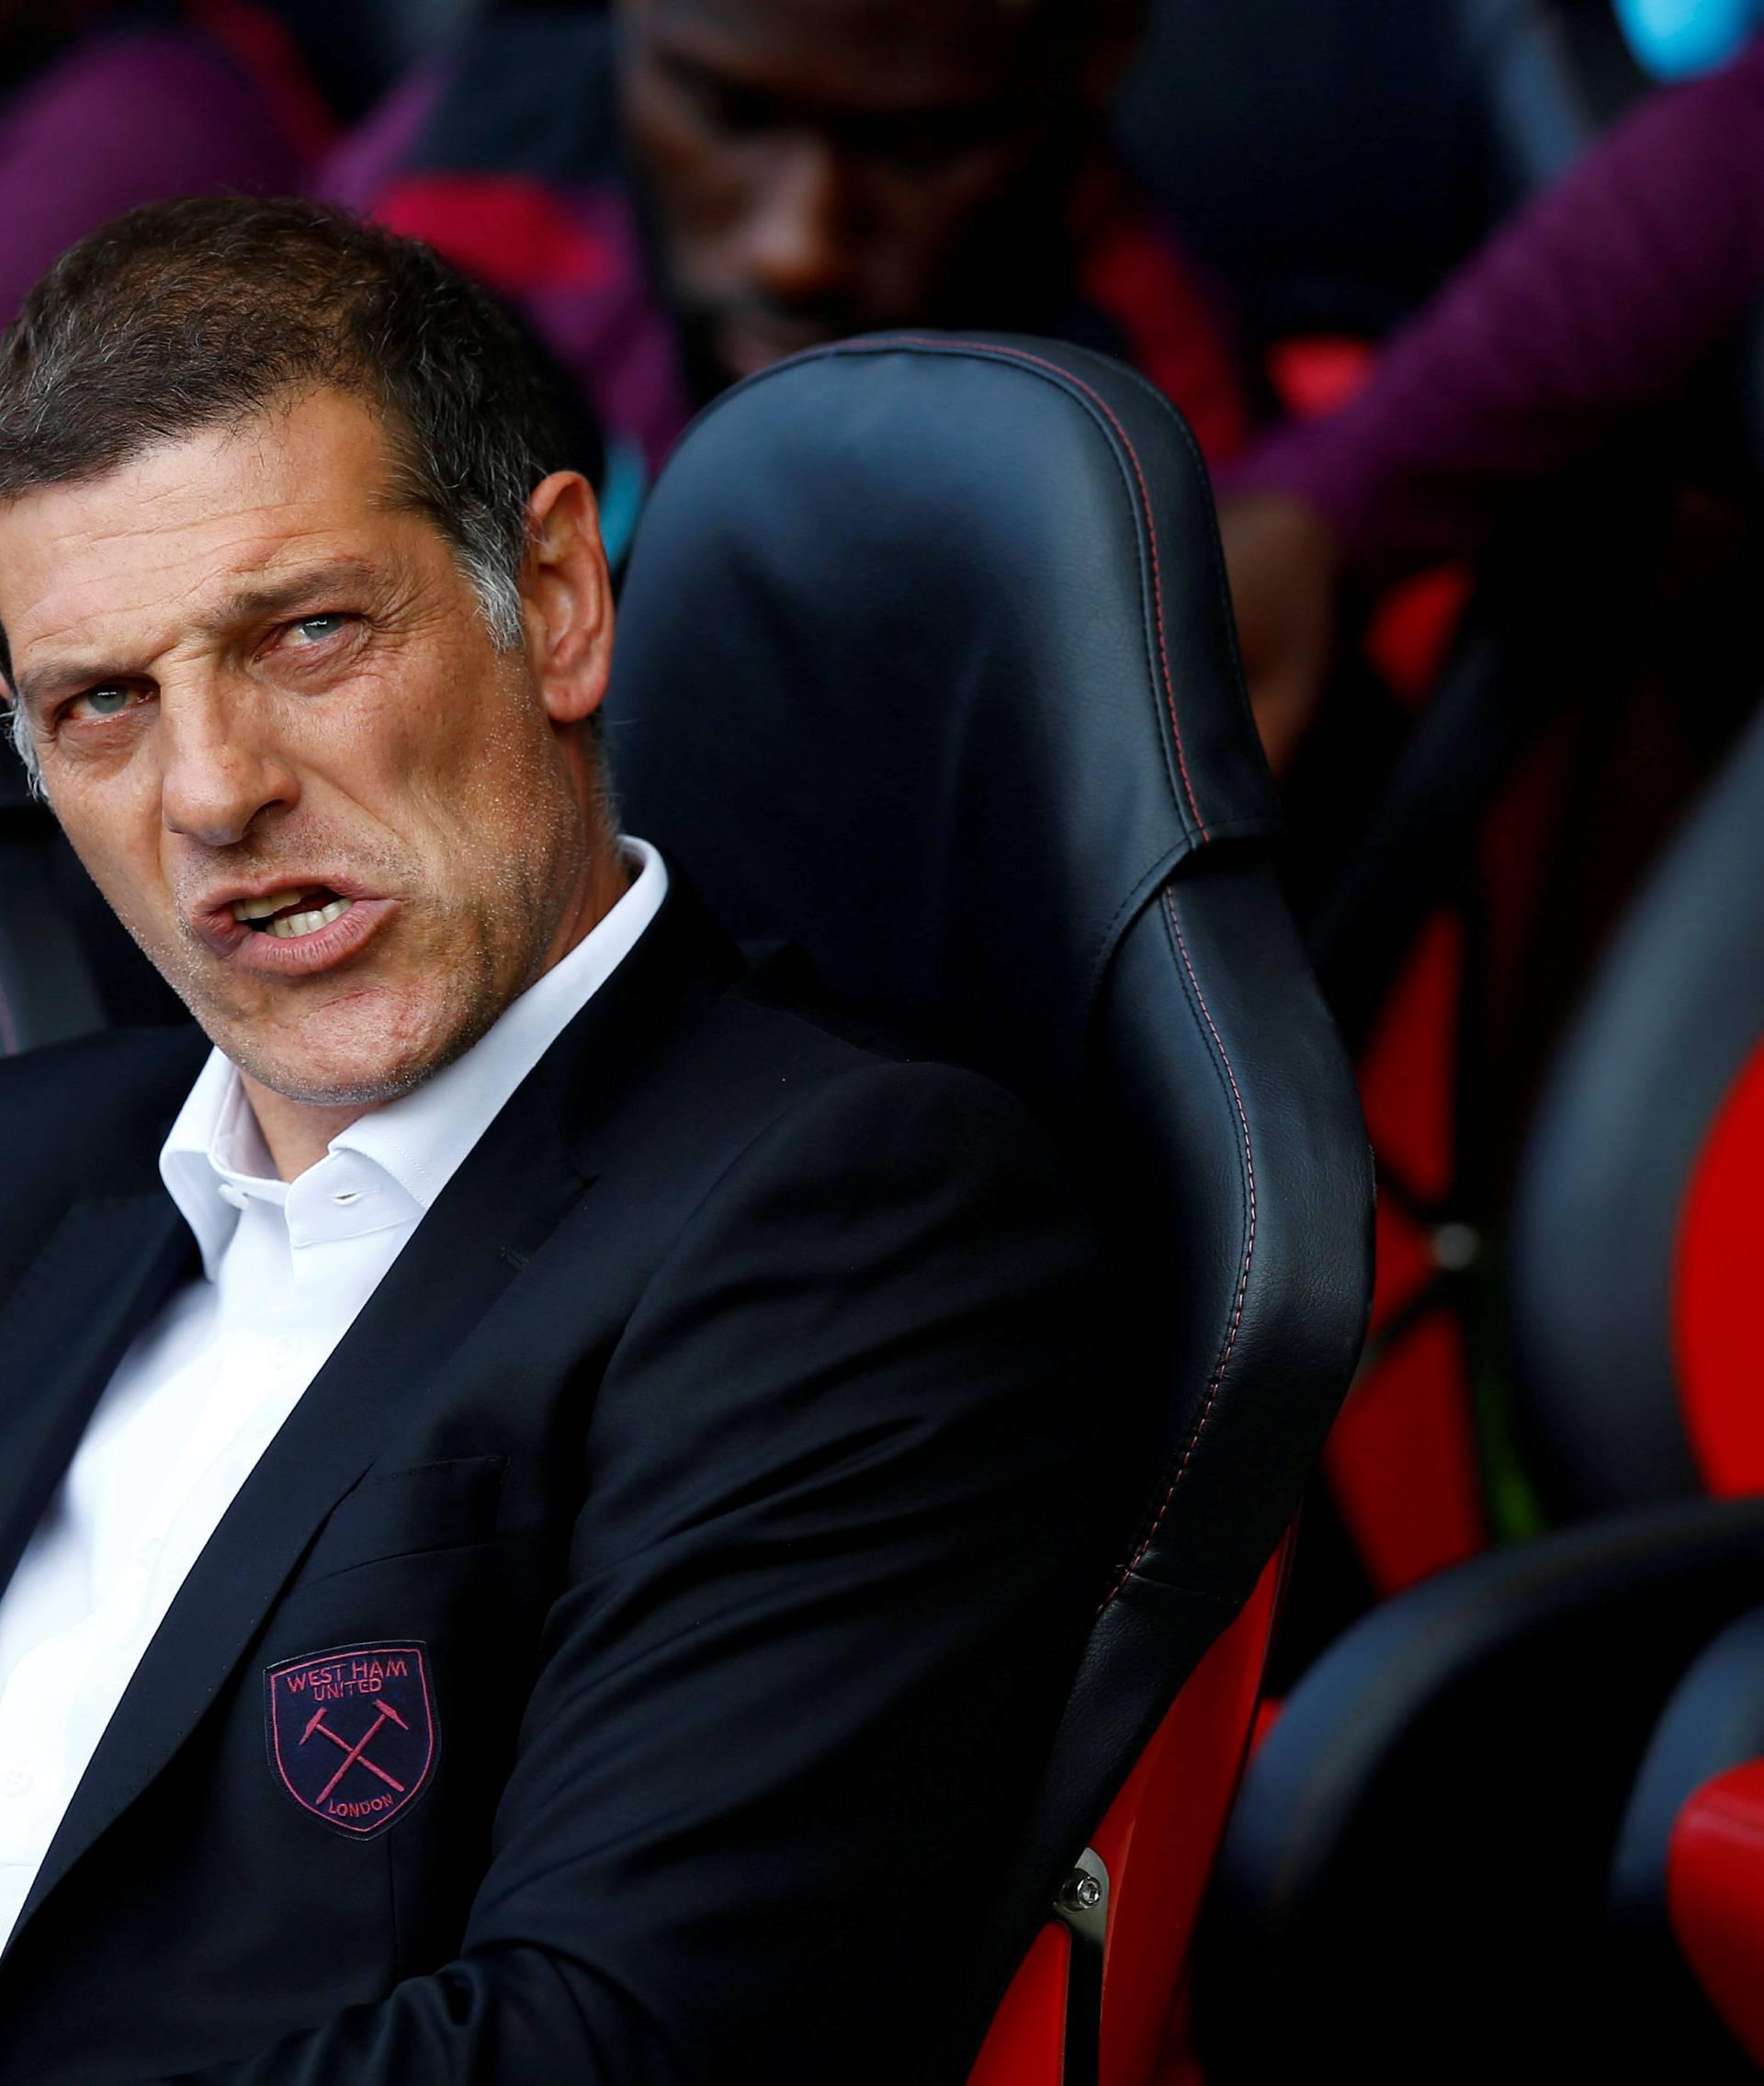 Premier League - Southampton vs West Ham United